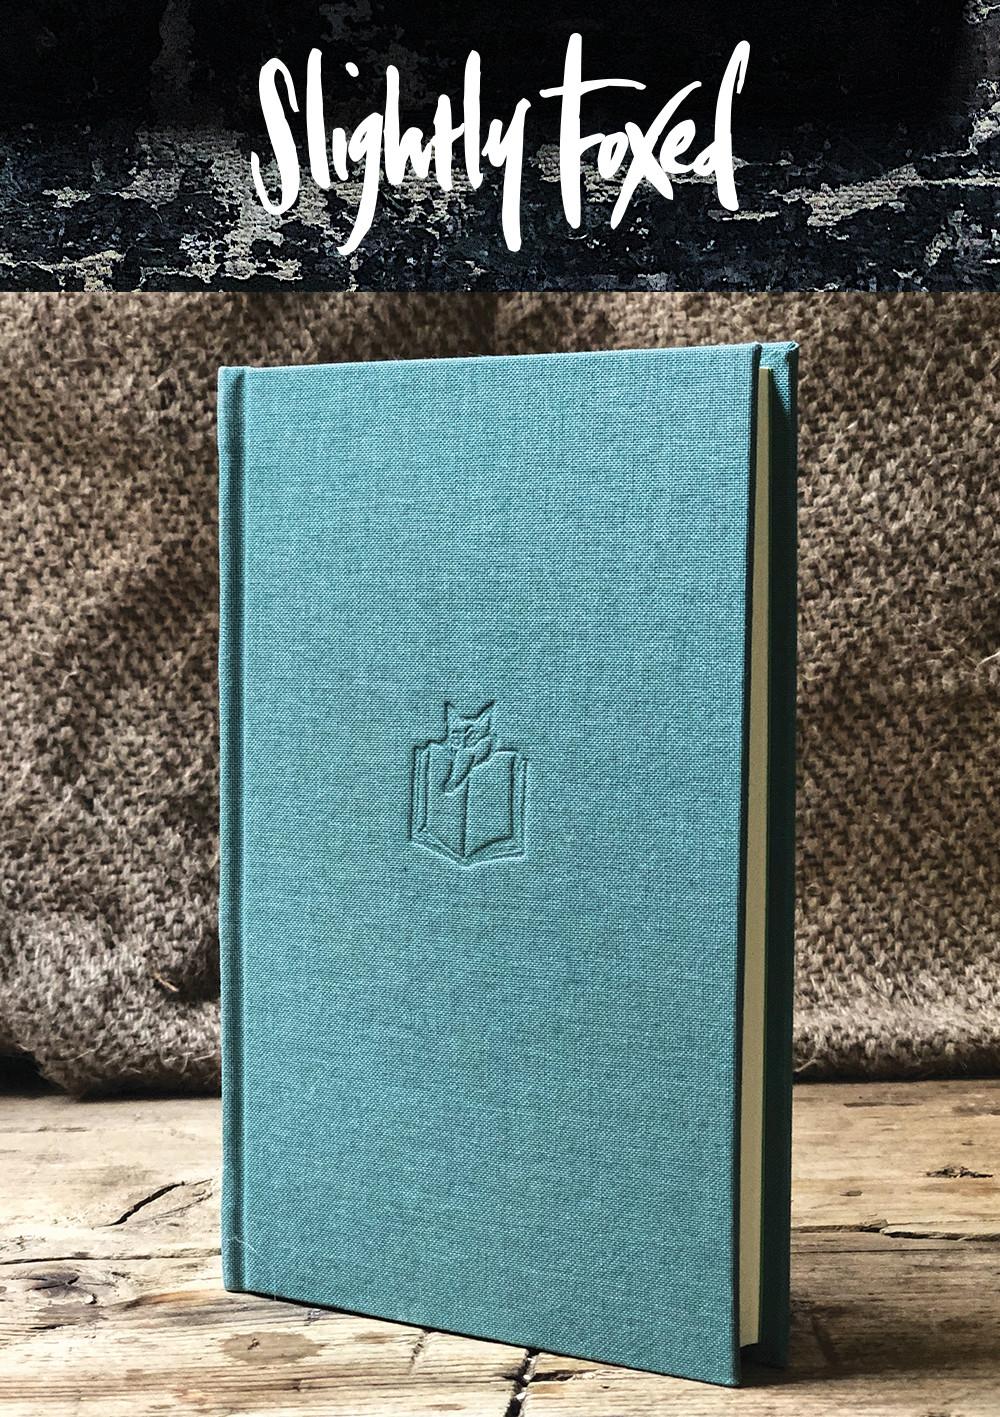 From the Slightly Foxed bookshelves || Jan Morris, Conundrum